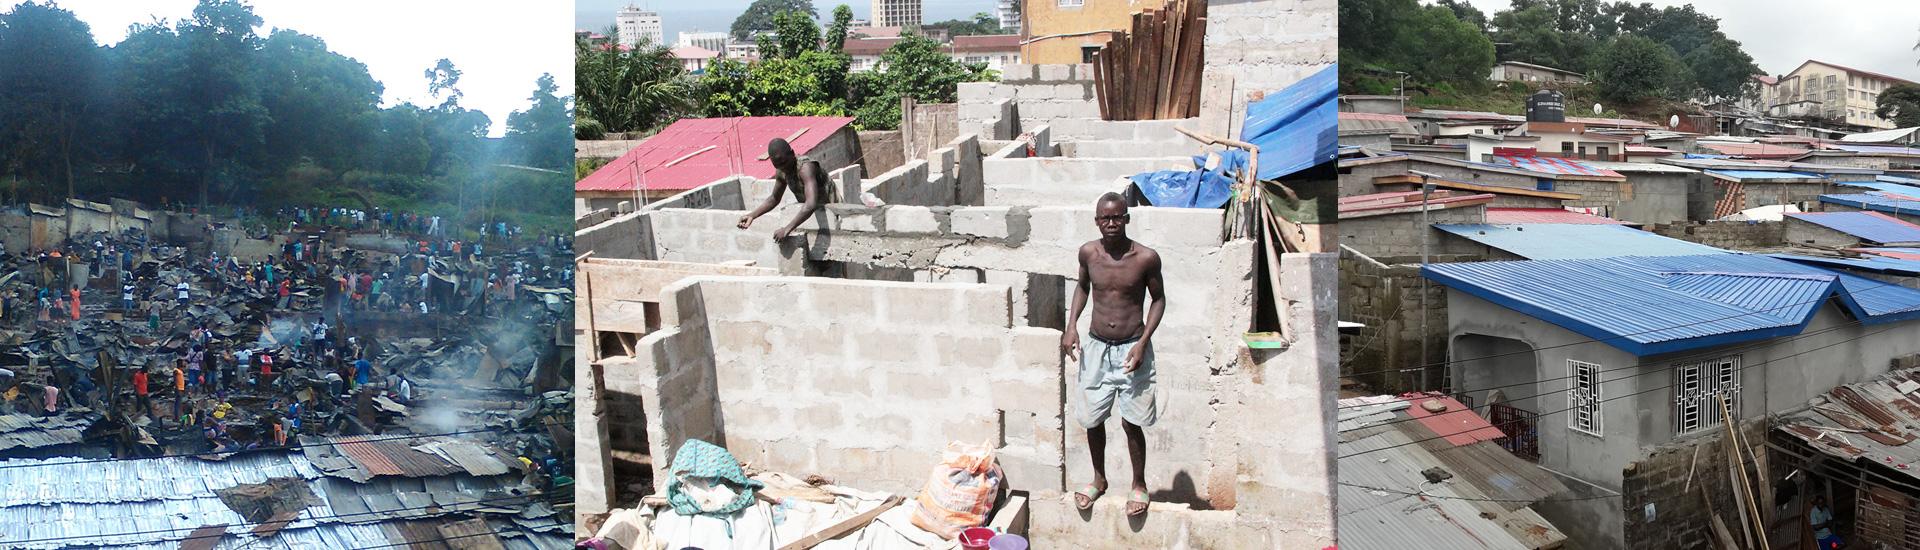 Angola Town: de suburbio a barrio modelo en Sierra Leona